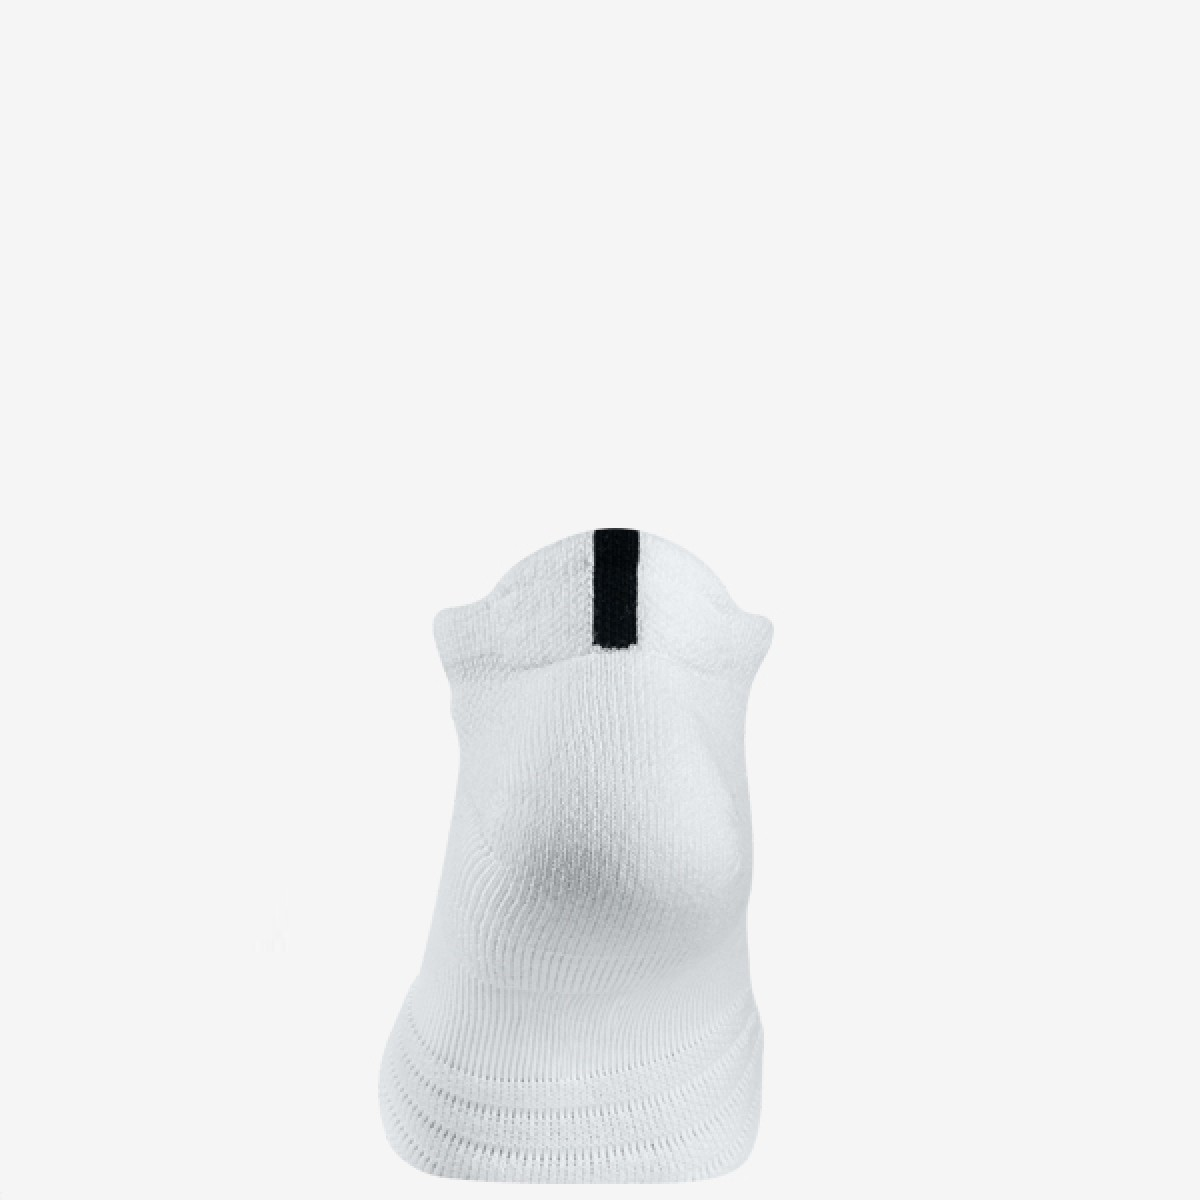 Nike Elite Versatility Low 'White/Black' SX5424-100